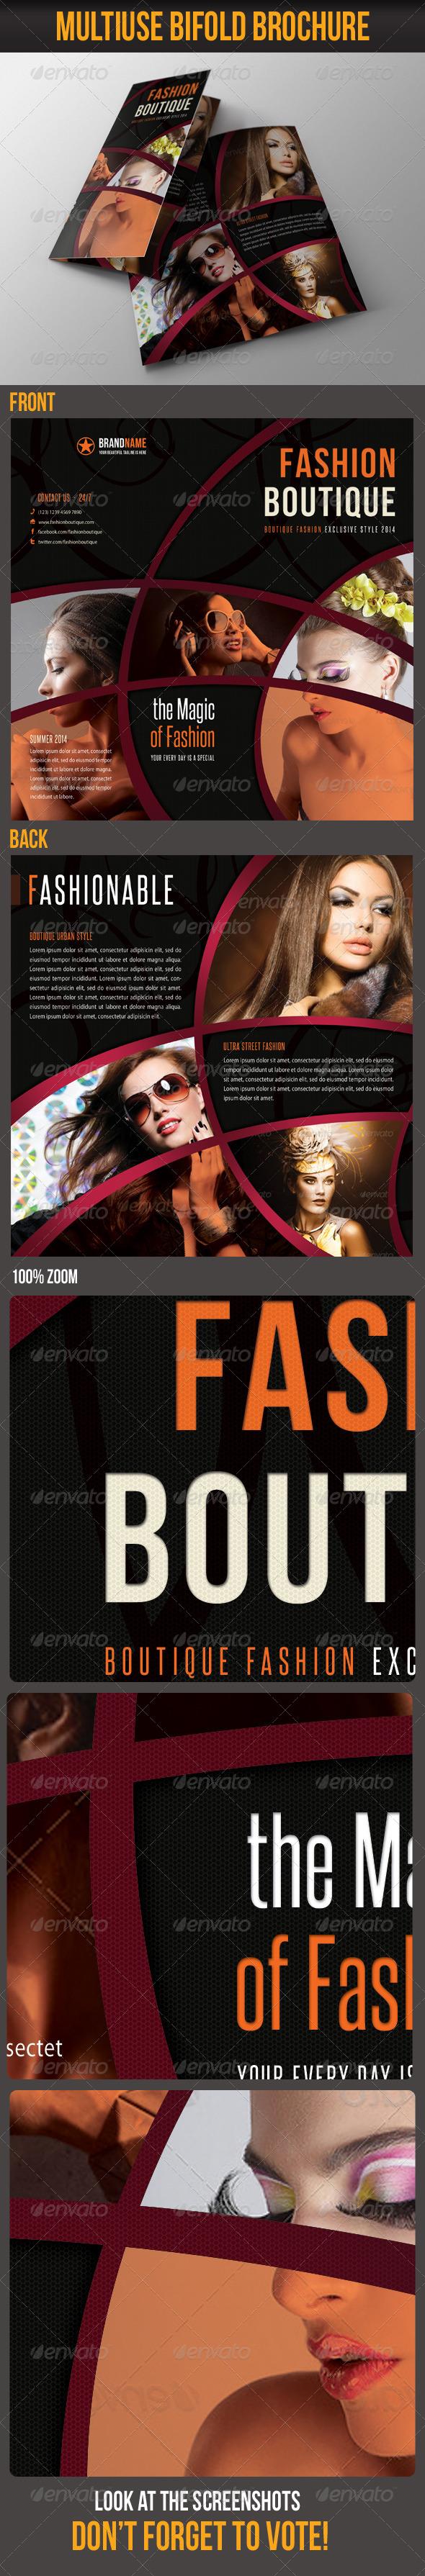 GraphicRiver Multiuse Bifold Brochure 38 6527905